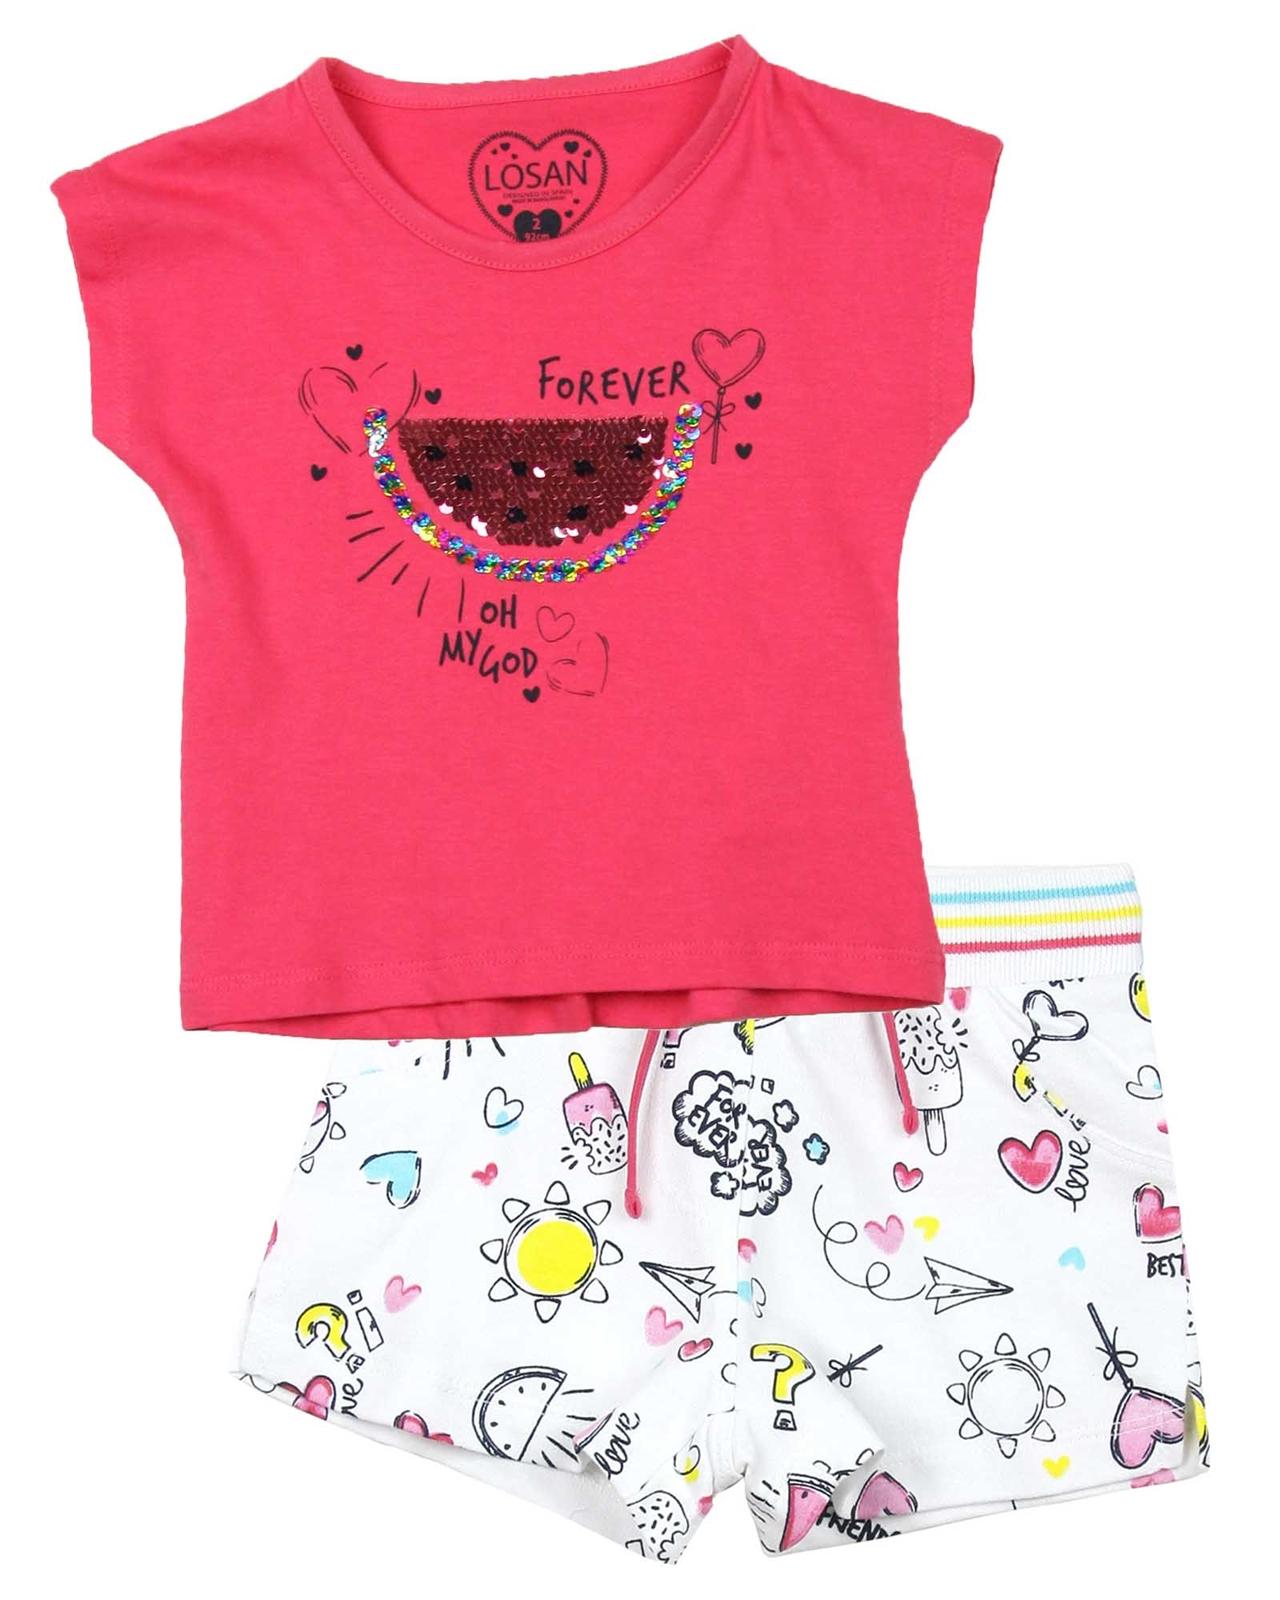 8a25d3430347c Losan Girls T-shirts and Printed Shorts Set - Losan - Losan Spring ...